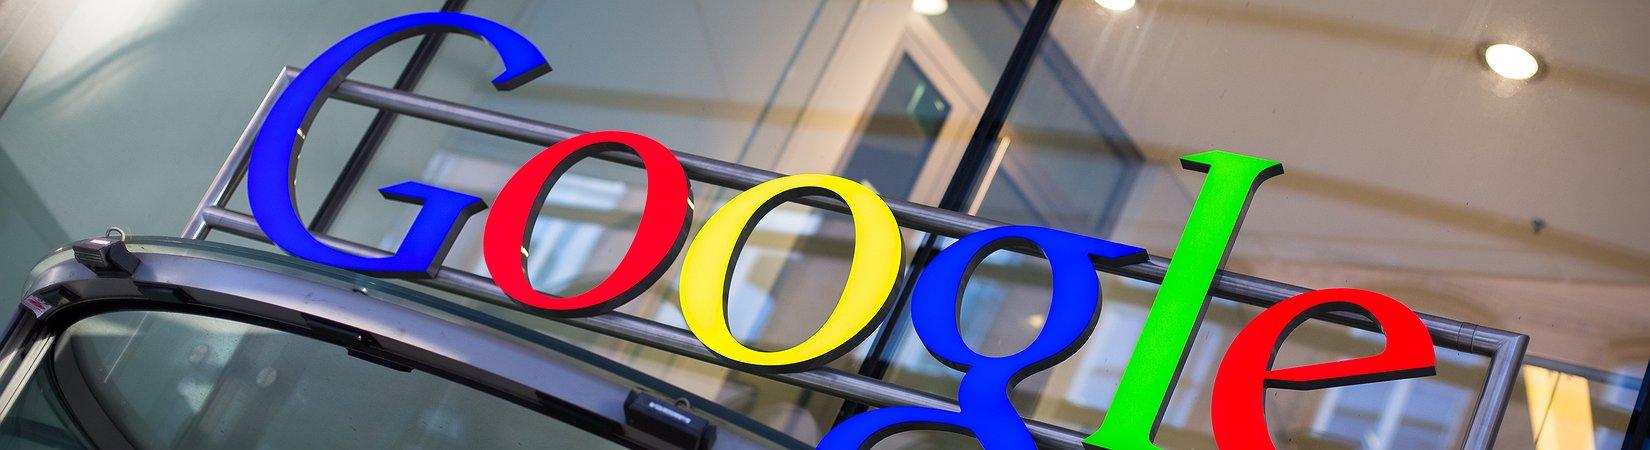 Google despide al autor del manifiesto machista